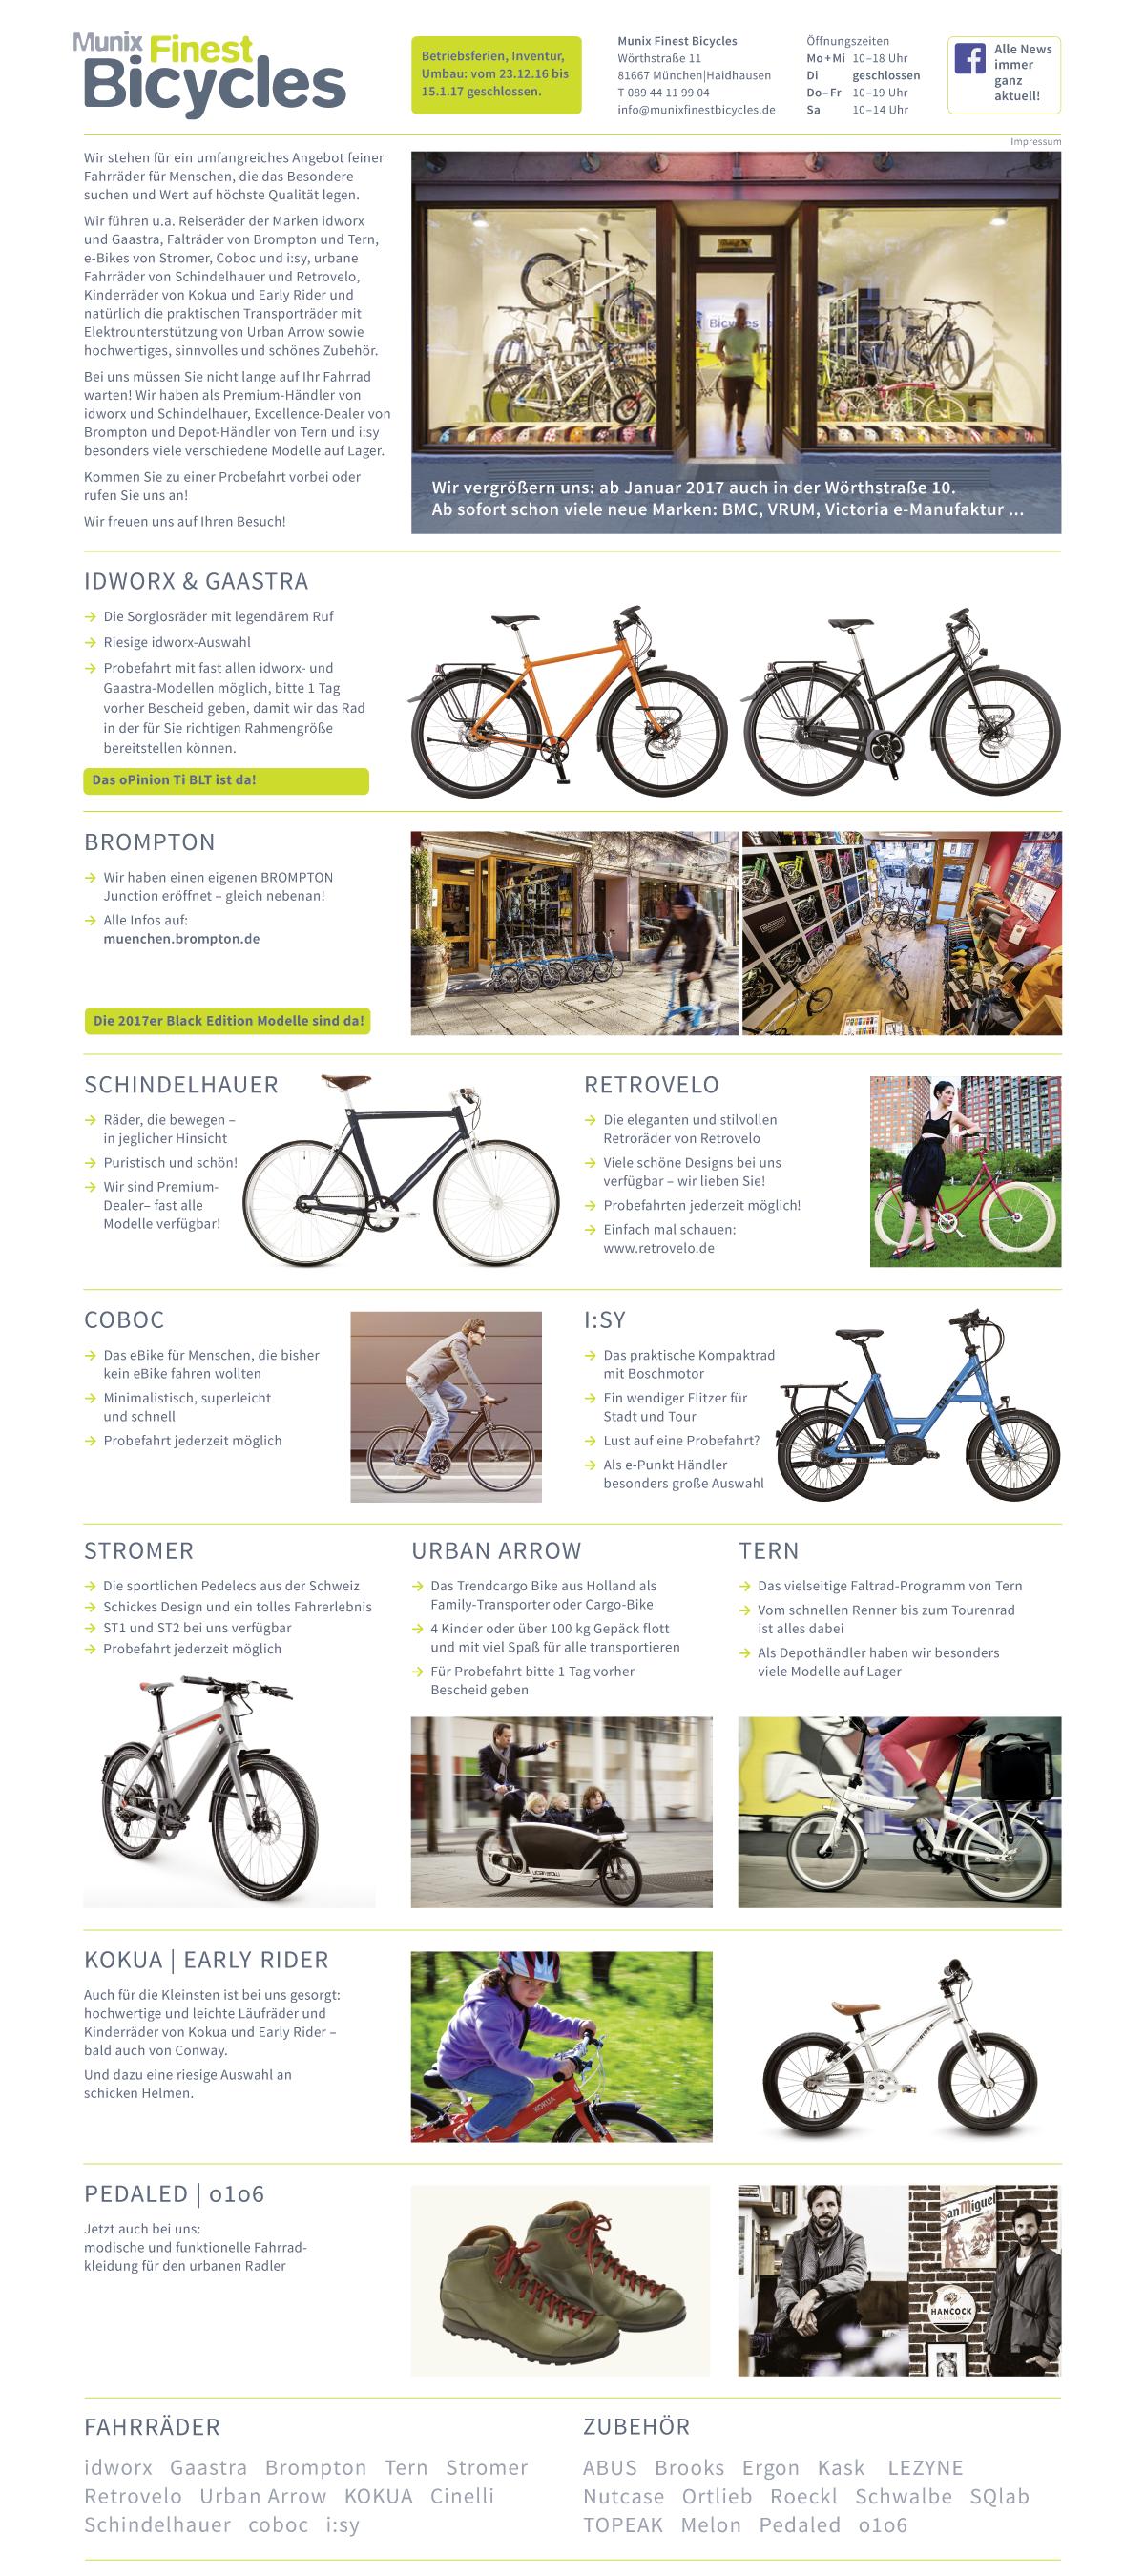 Munix Finest Bicycles Munchen Haidhausen Idworx Gaastra